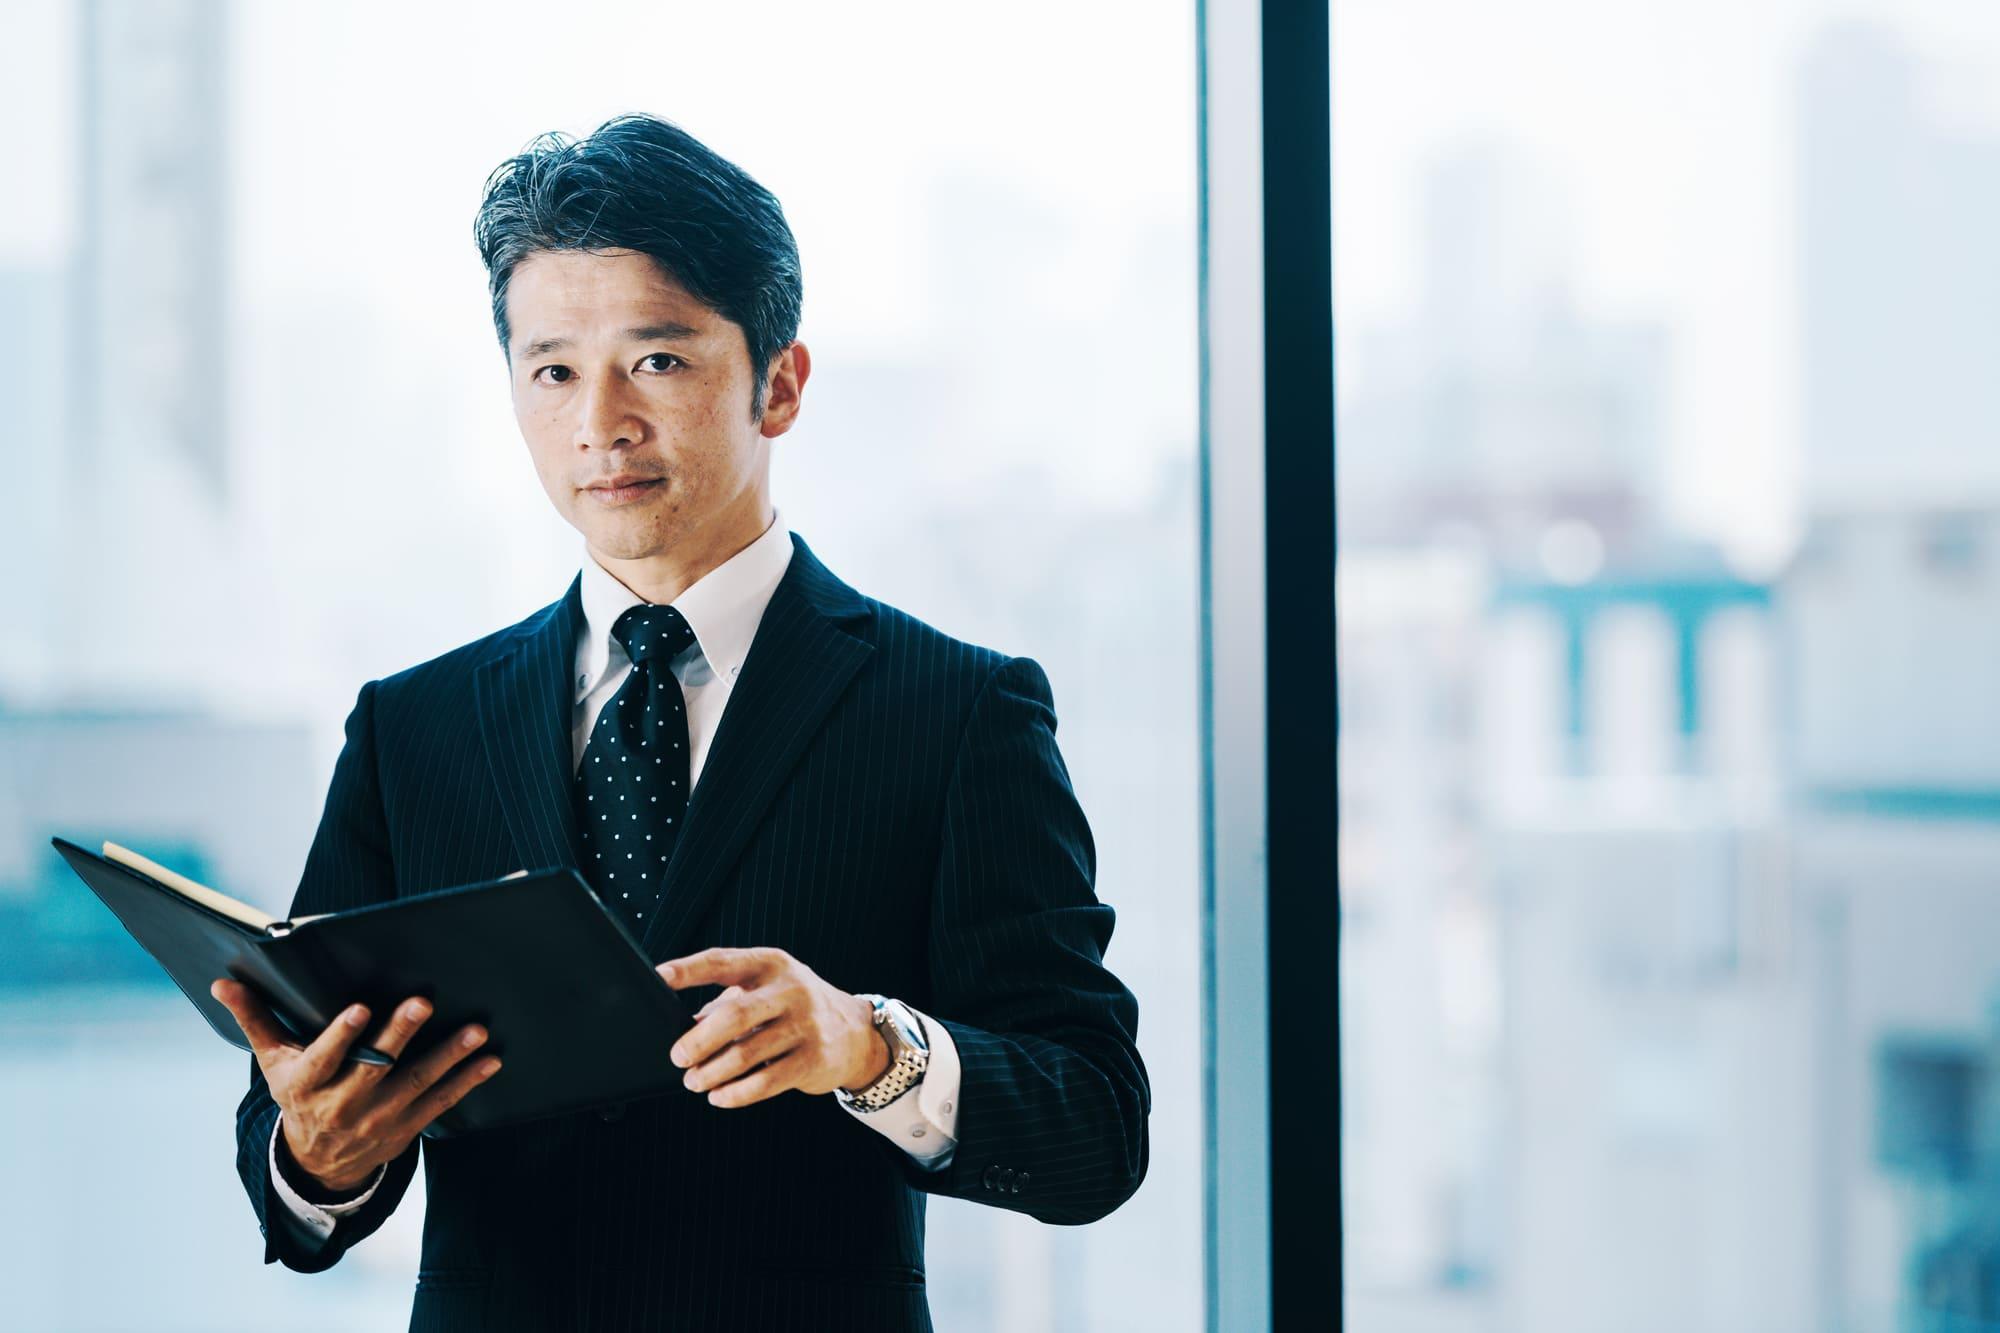 コワーキングスペースの魅力や経費処理をフリーランス・個人事業主向けに徹底解説